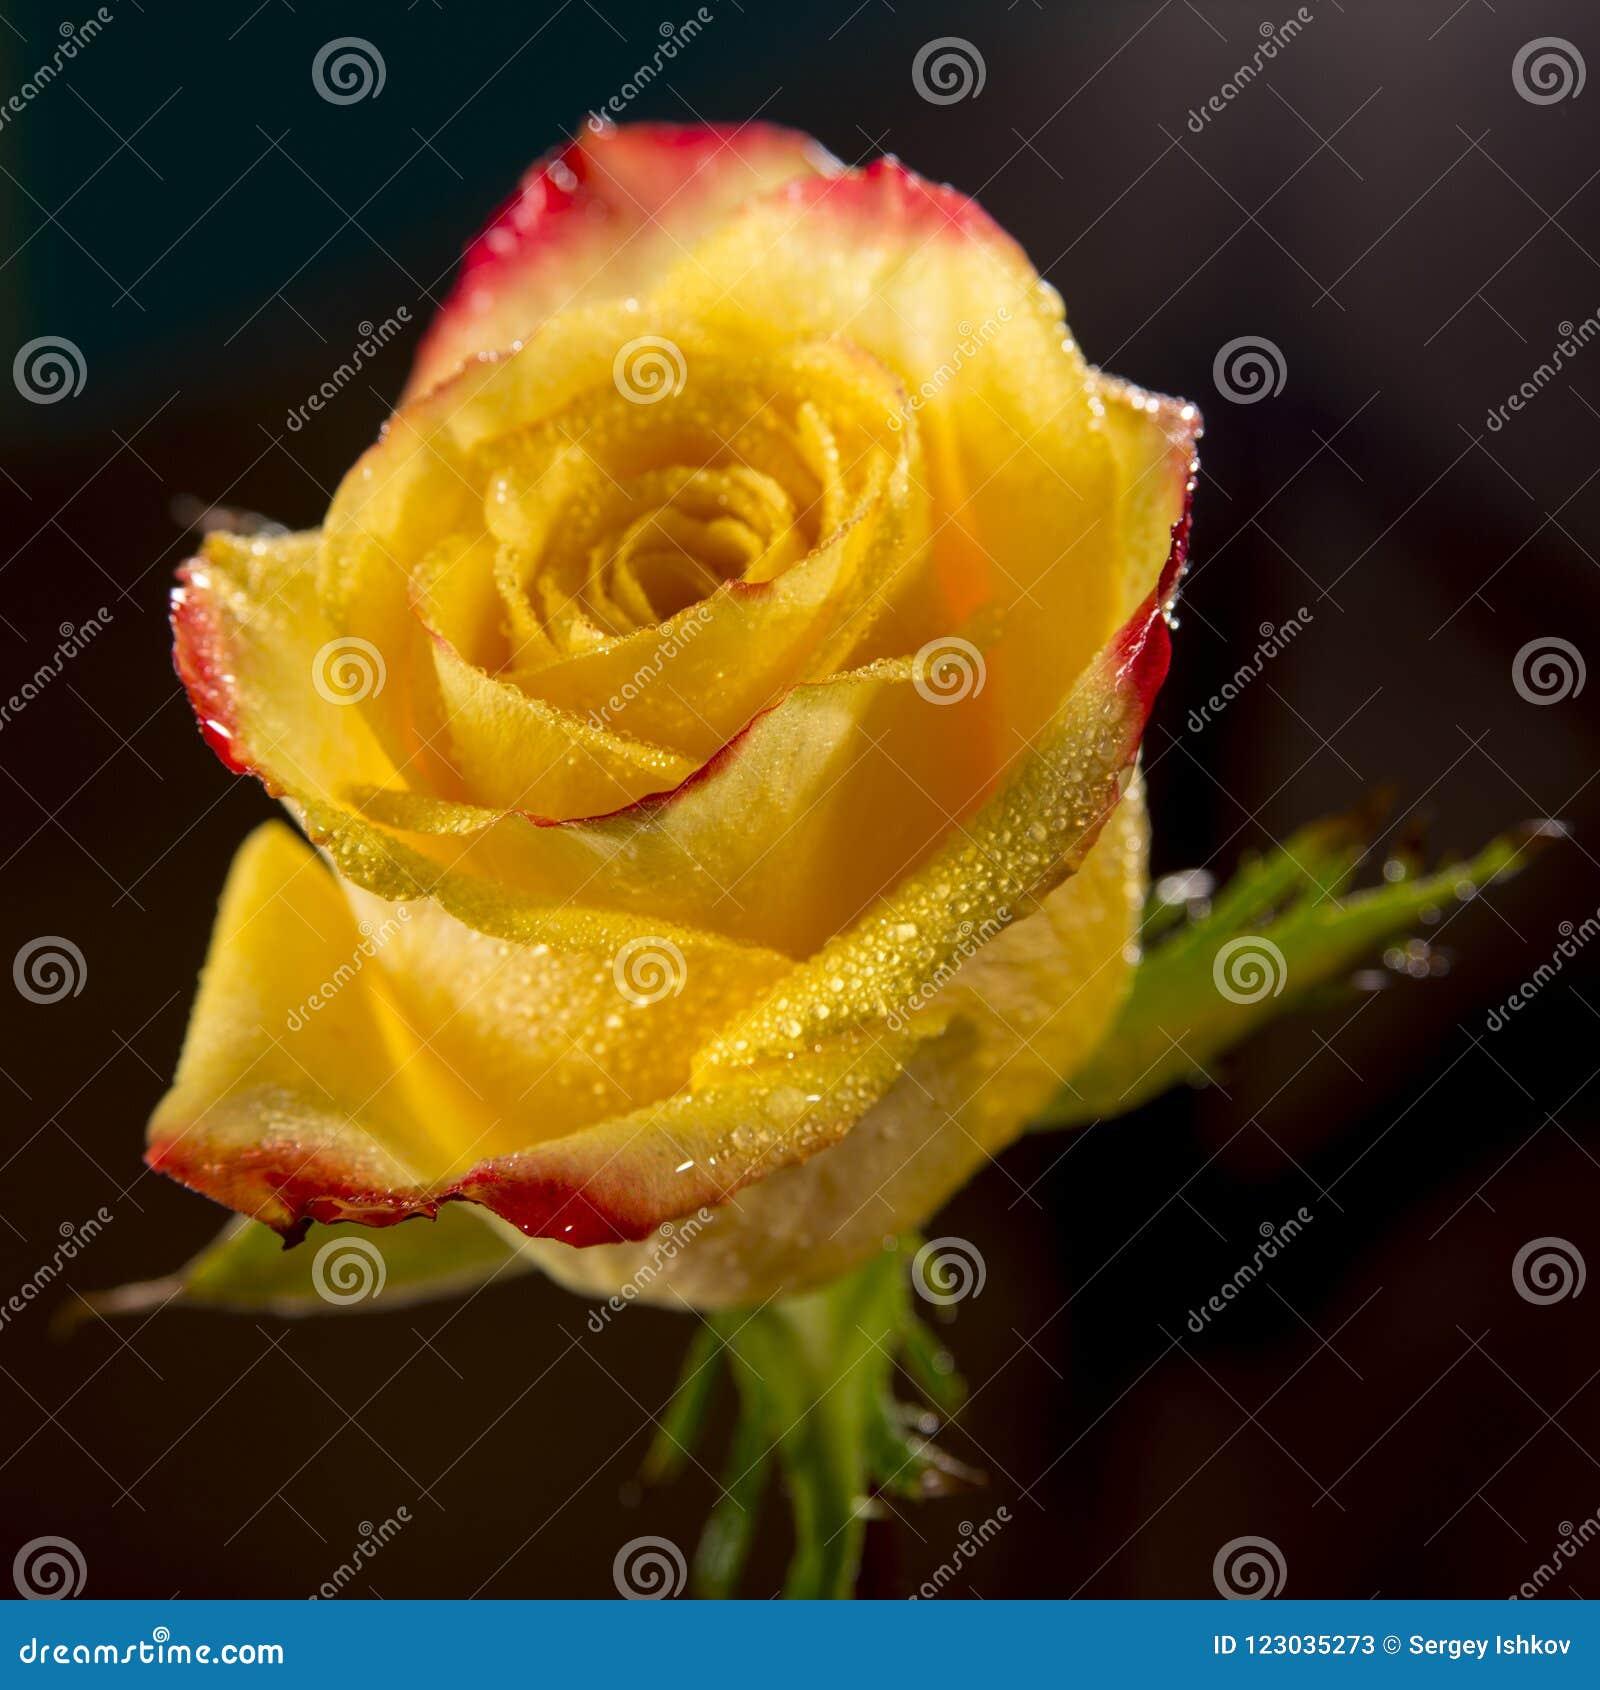 Sola rosa mojada brillante del amarillo con los bordes rojos de pétalos, muchas gotitas de agua brillantes en la flor y fondo osc